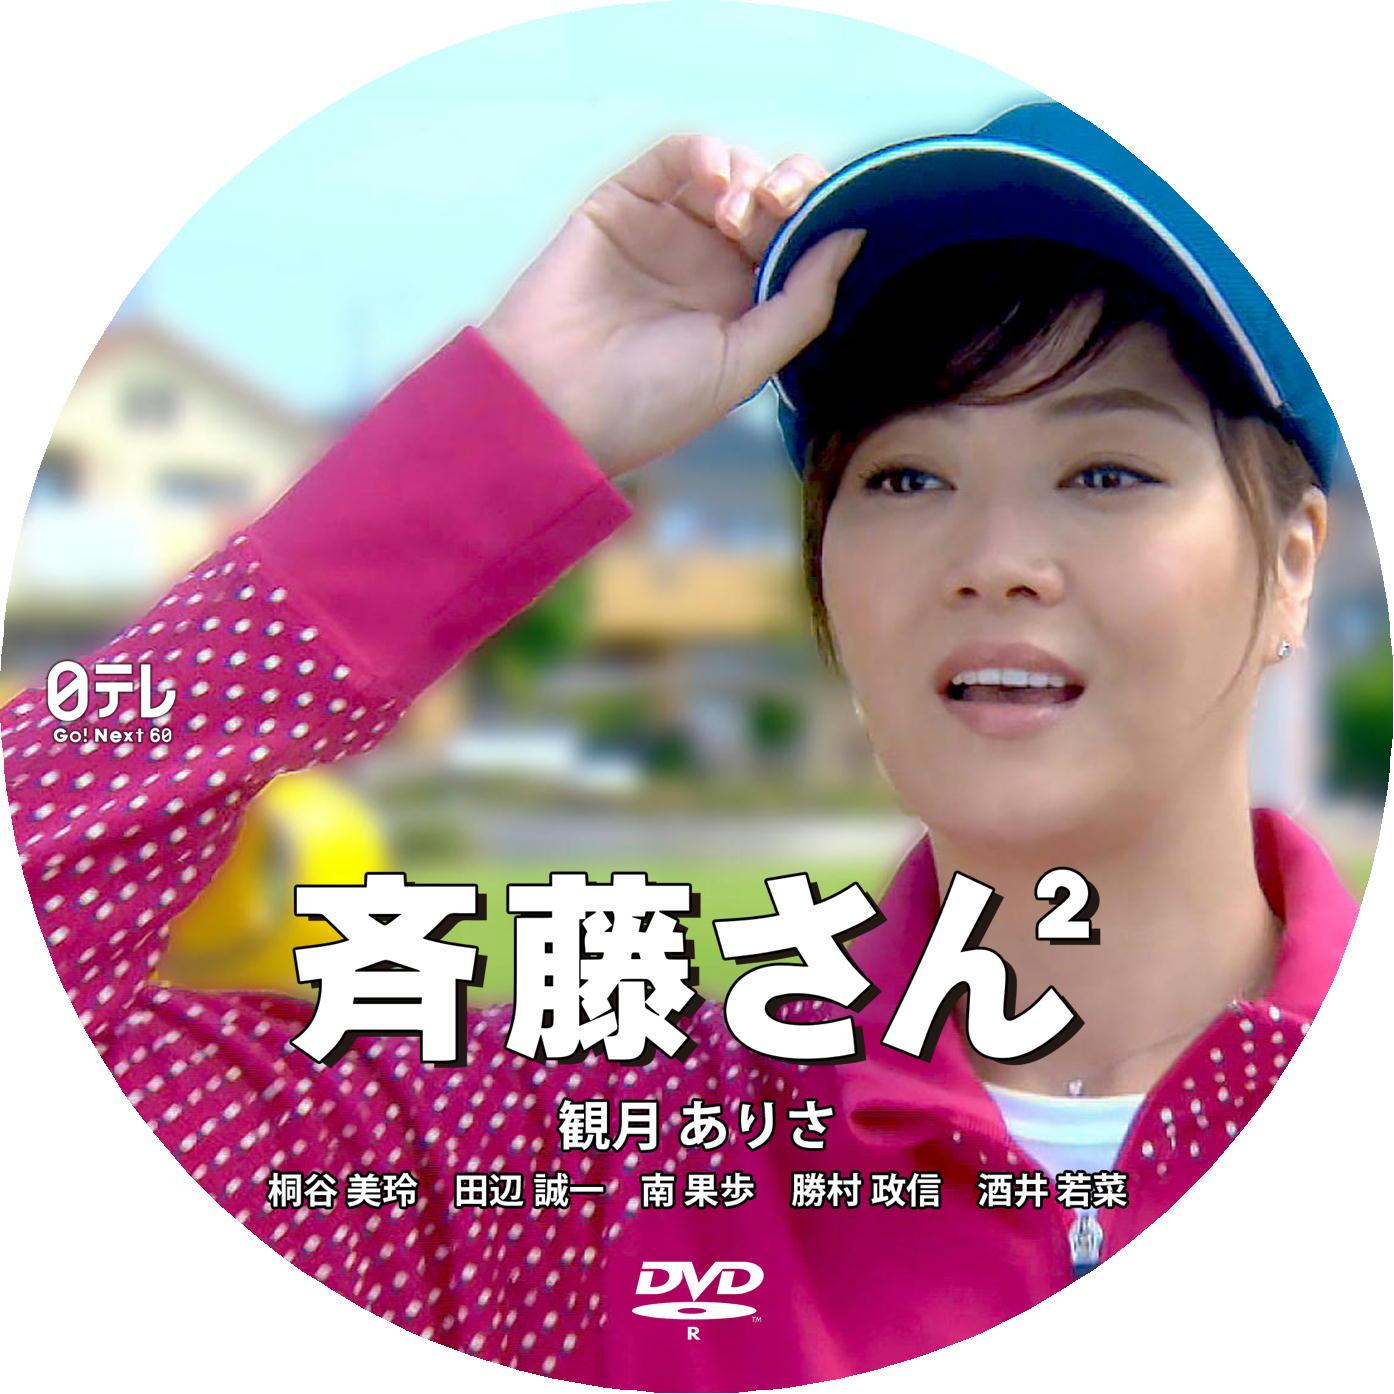 斉藤さん2 DVDラベル